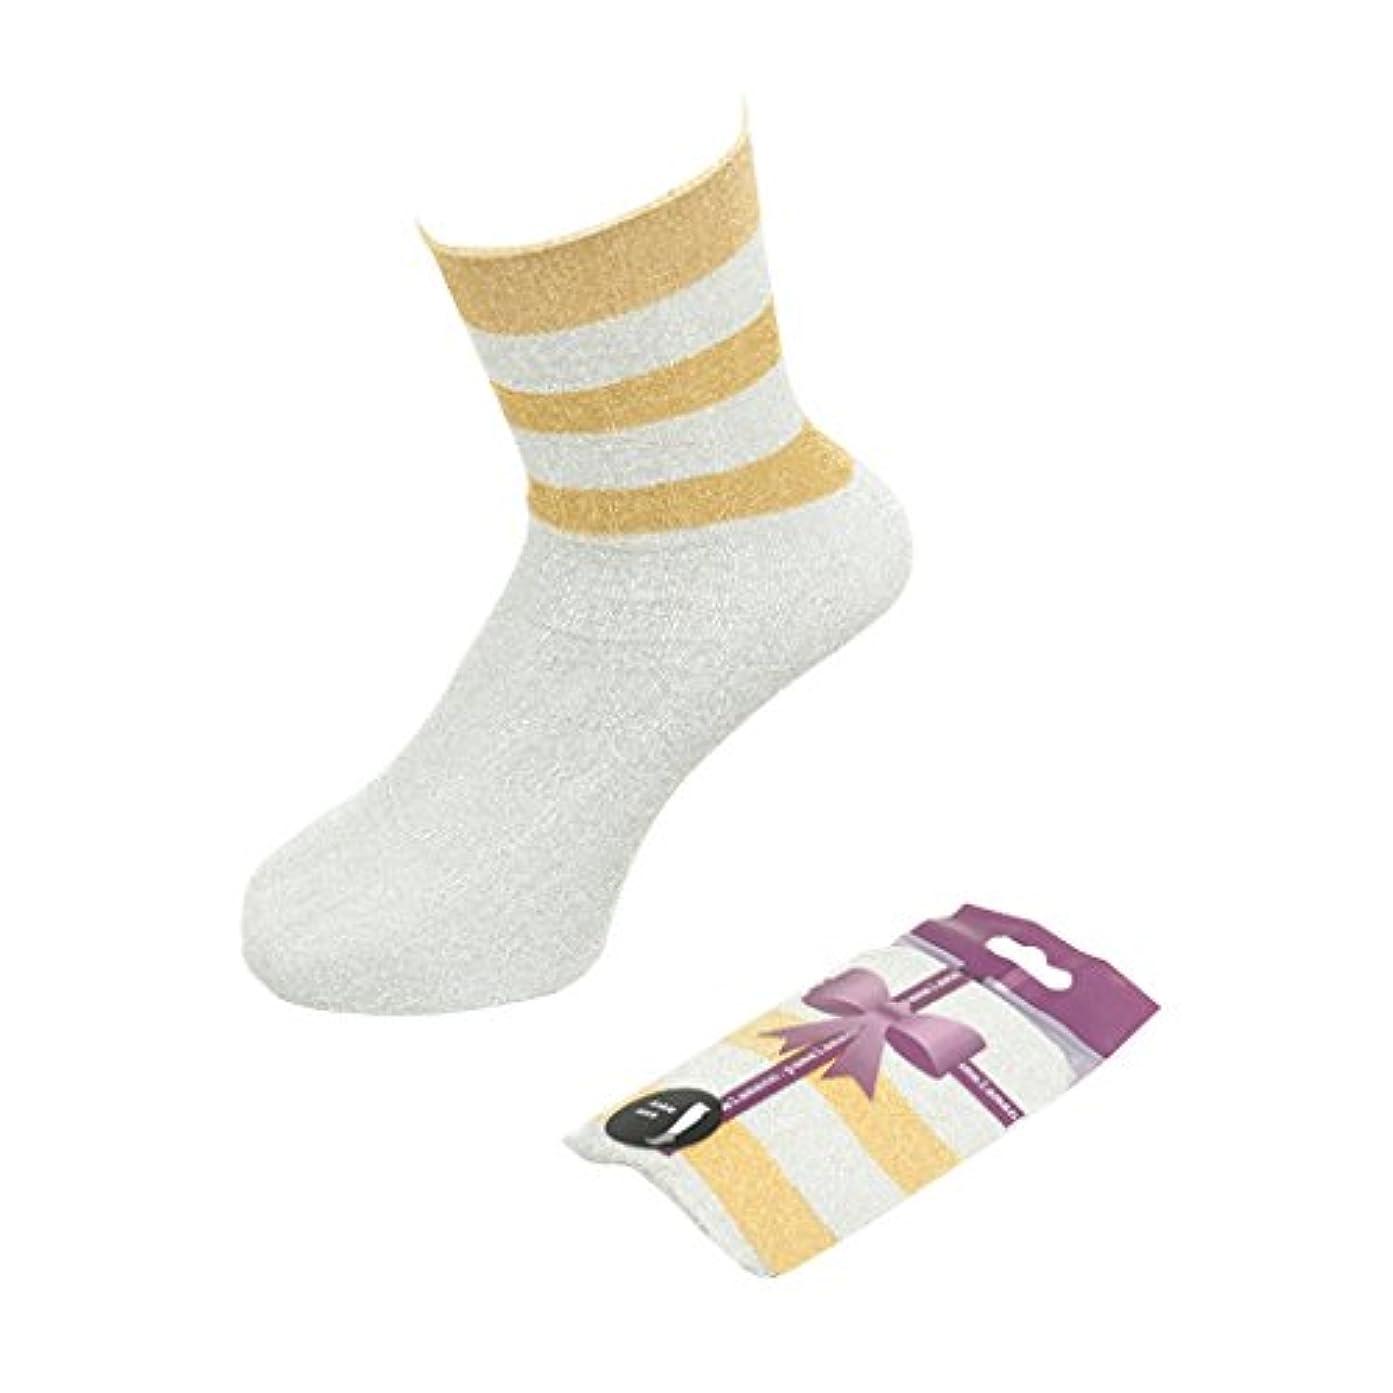 収束するおんどり高層ビル(パメラマン) PamelaMann Ankle Socks[5334400] ワンサイズ 11 Silver Gold